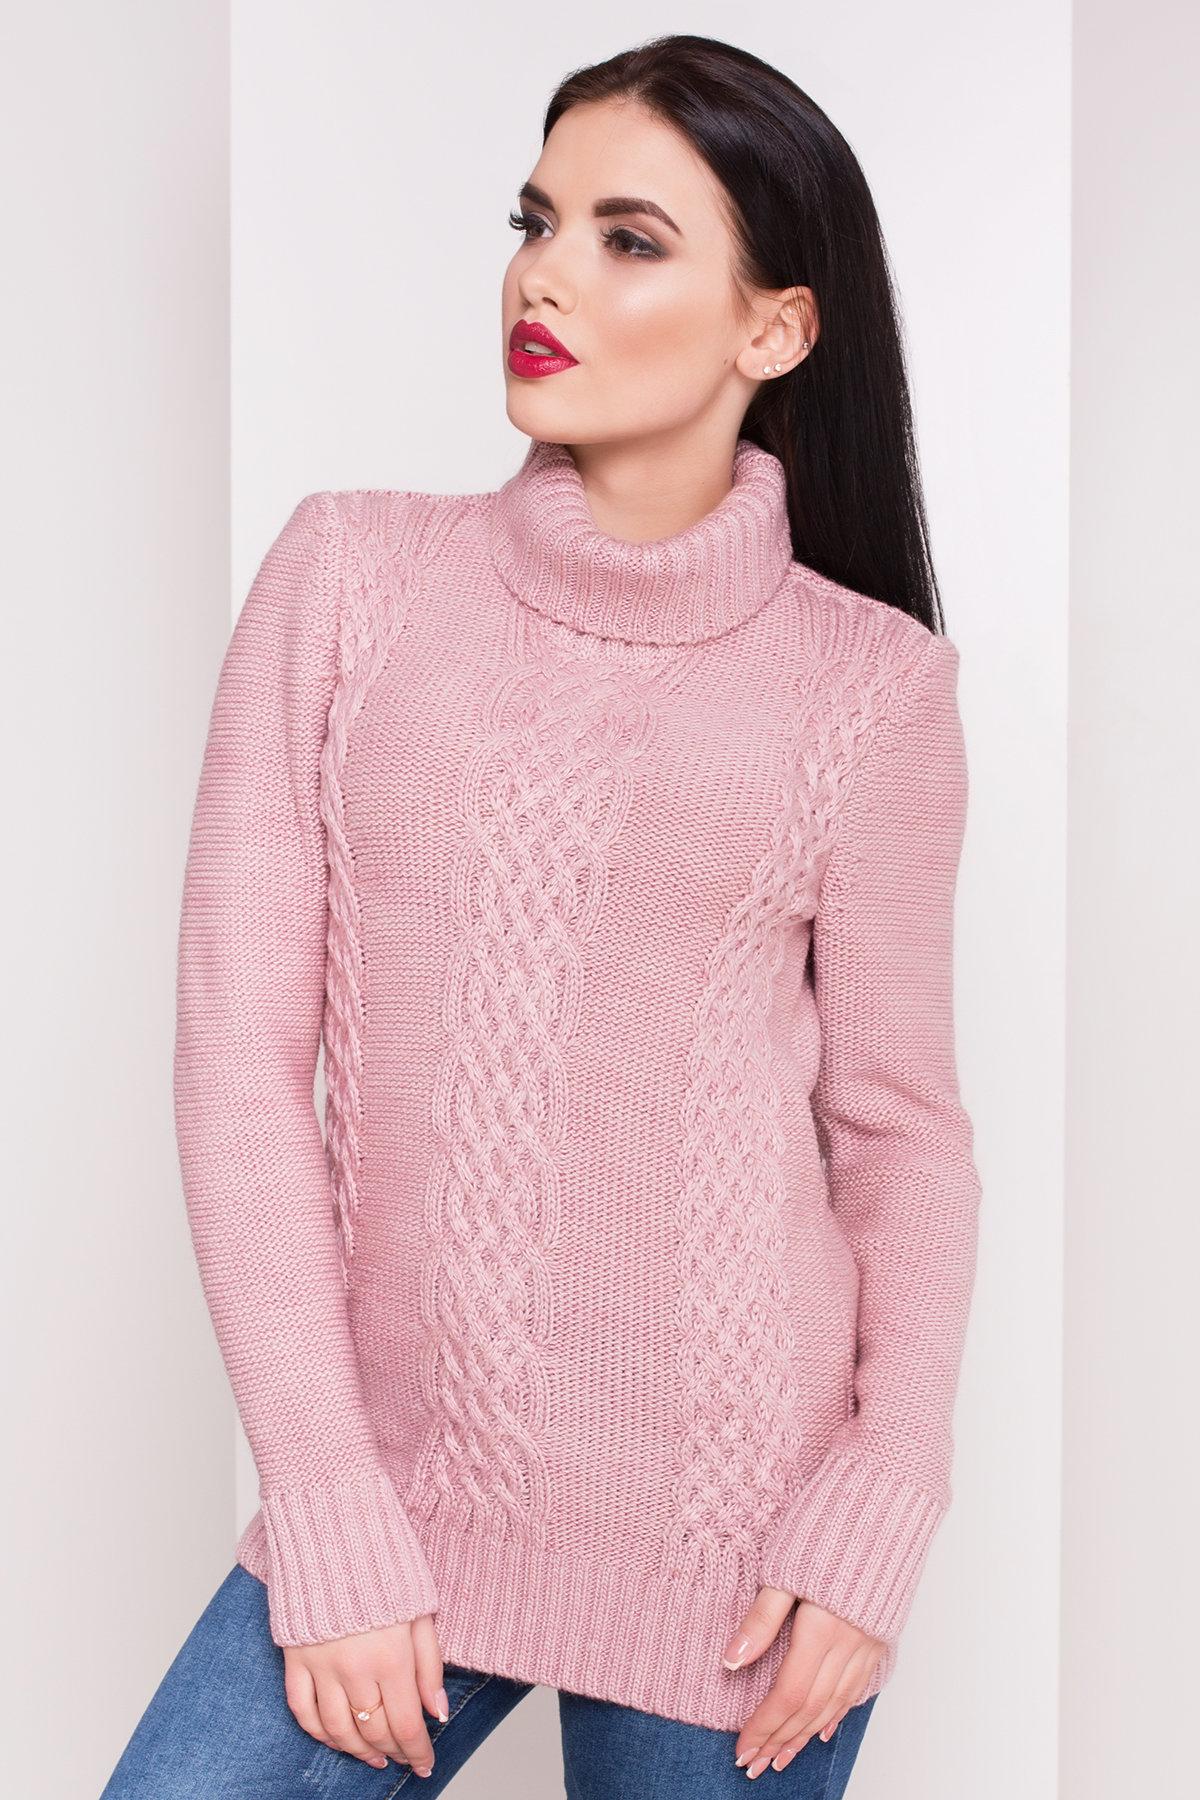 Свитер Эдж 1714 Цвет: Розовый/Сиреневый